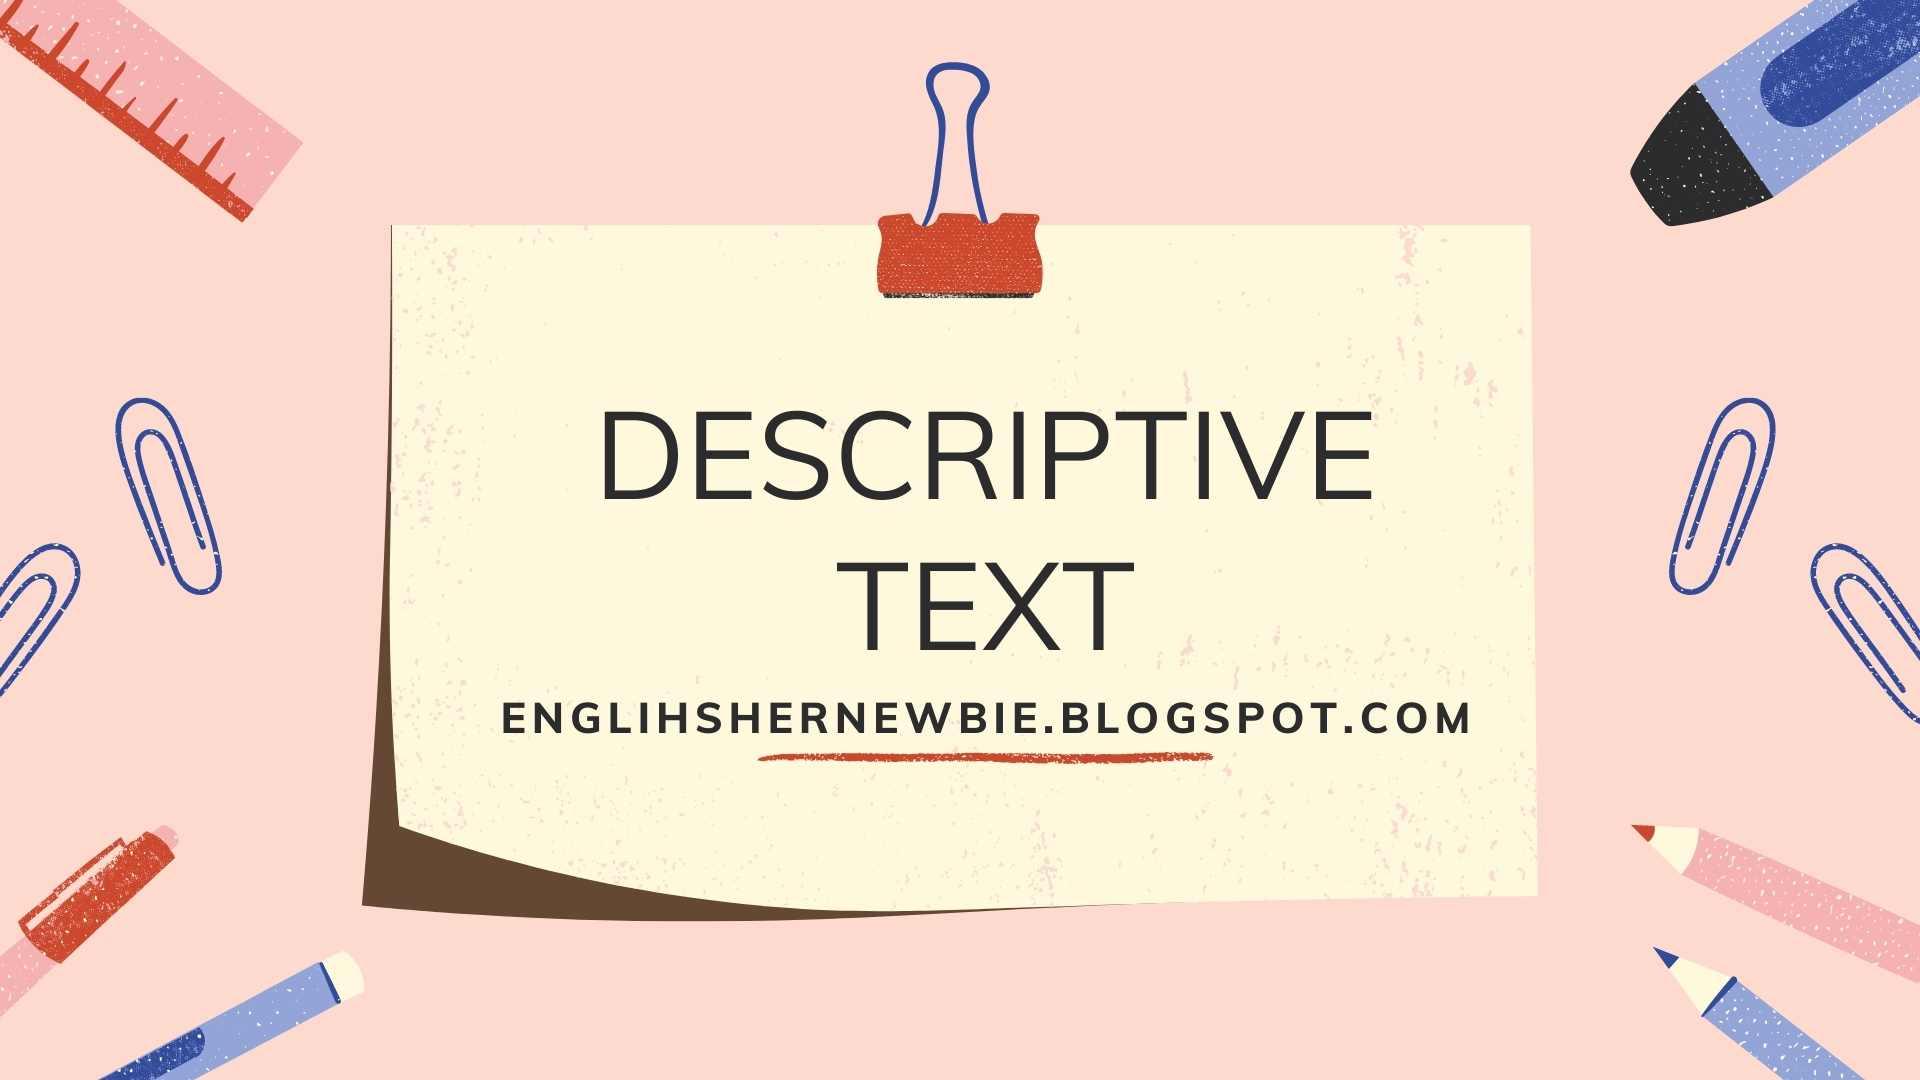 Contoh Descriptive Text Tentang Tempat Wisata Lengkap Dengan Artinya - English-Mania